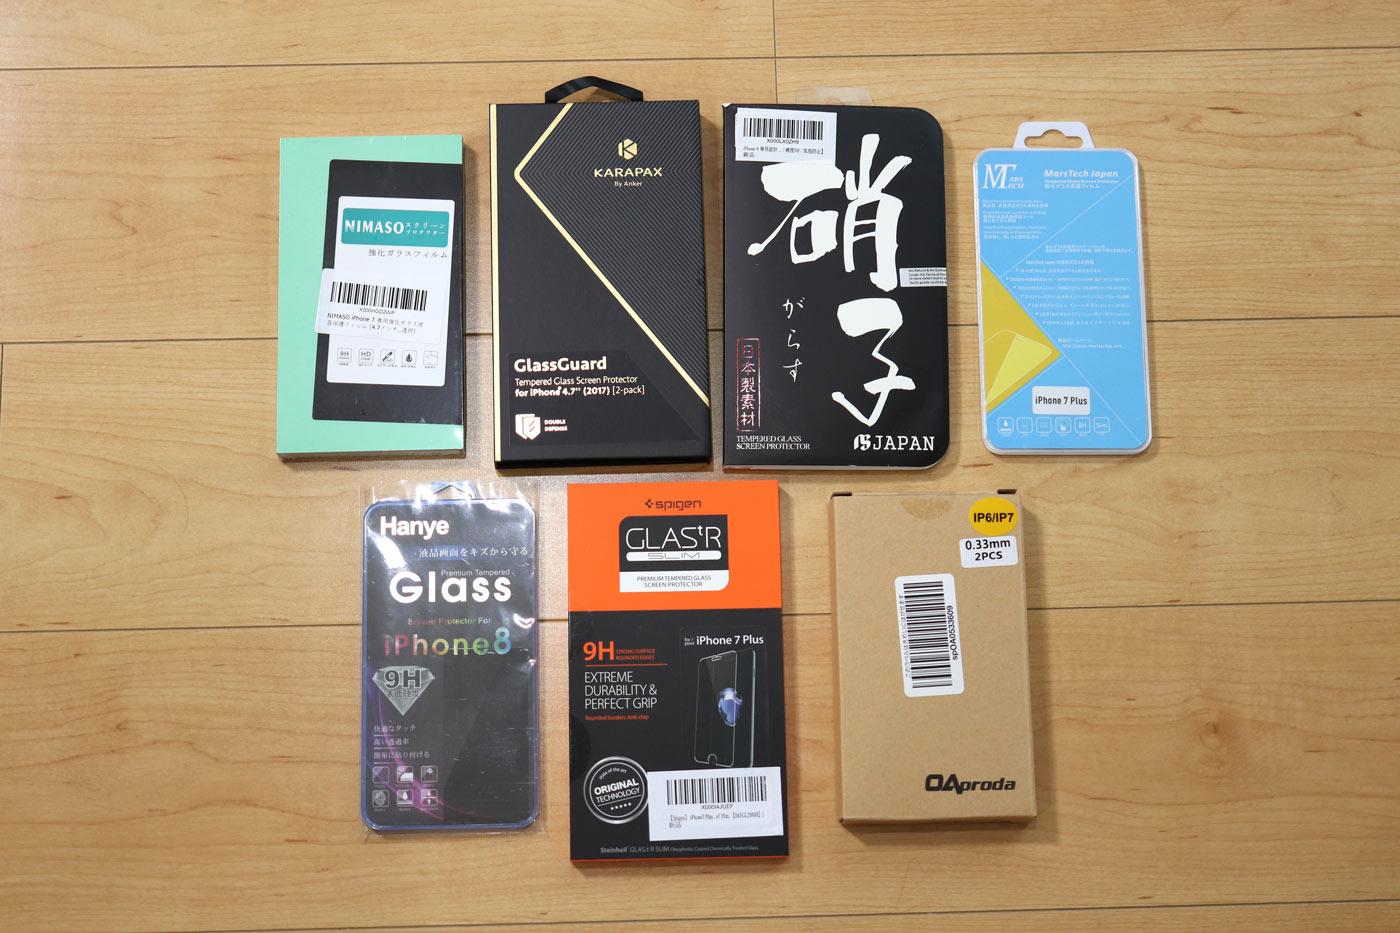 51607c55b7 iPhone8/8 Plus おすすめの強化ガラス保護フィルムは?実際に購入して ...